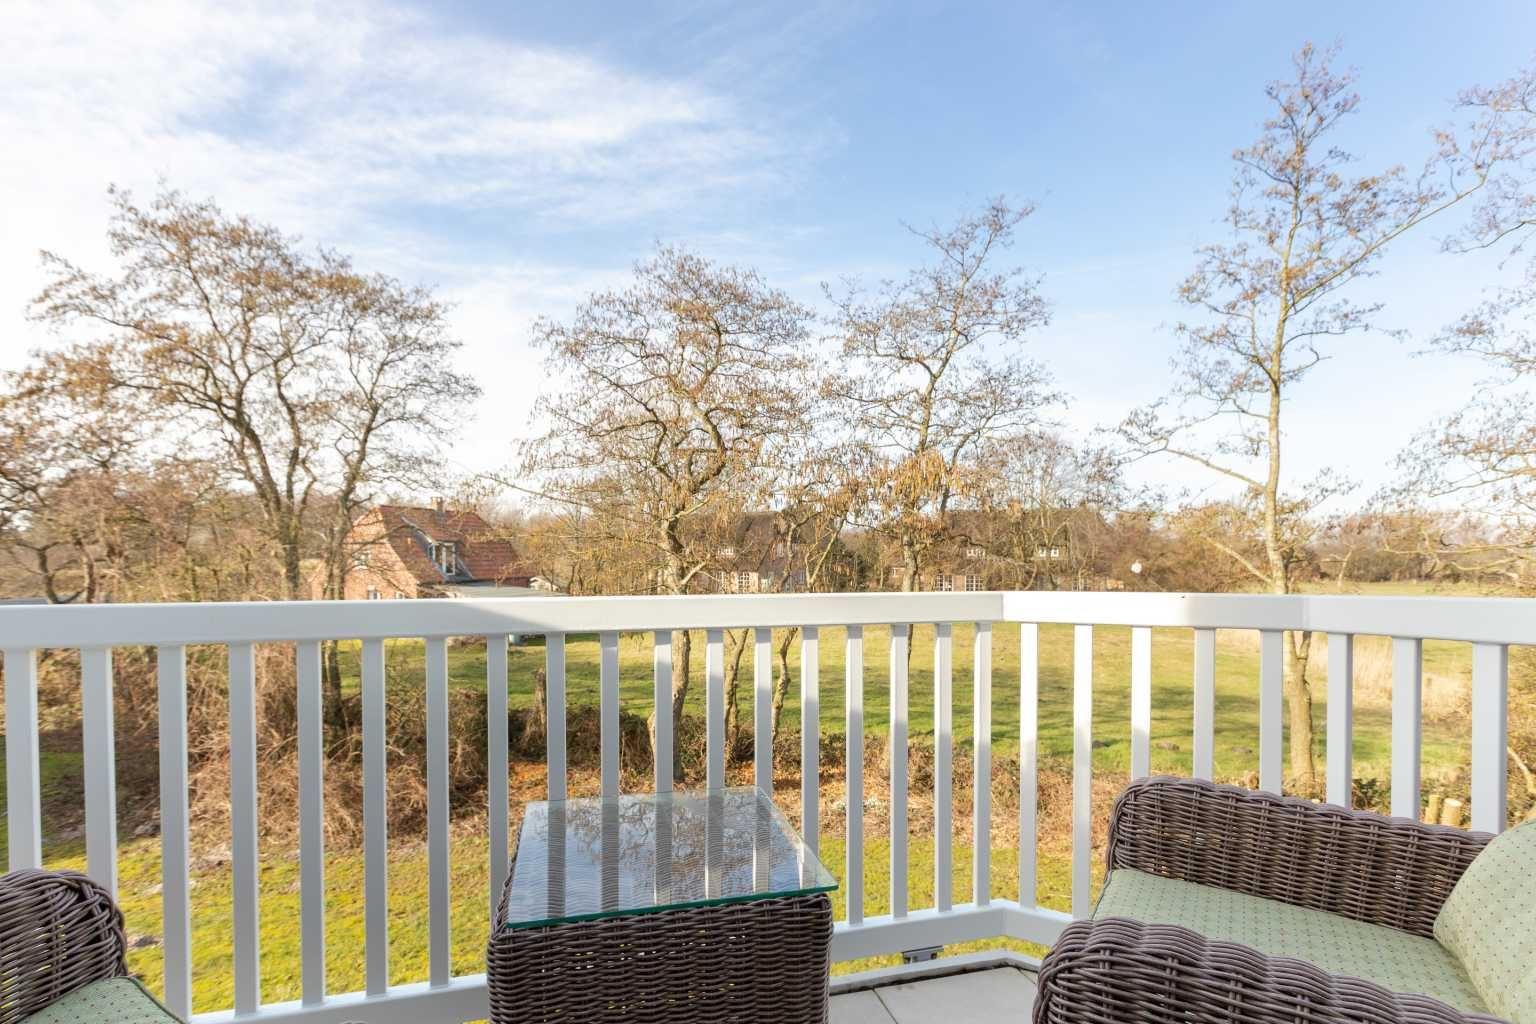 """Balkon mit Blick auf den Garten - St Peter Ording Bad, Haus Sommerdeich, Wohnung 4B """"Westmarkenpalais"""""""